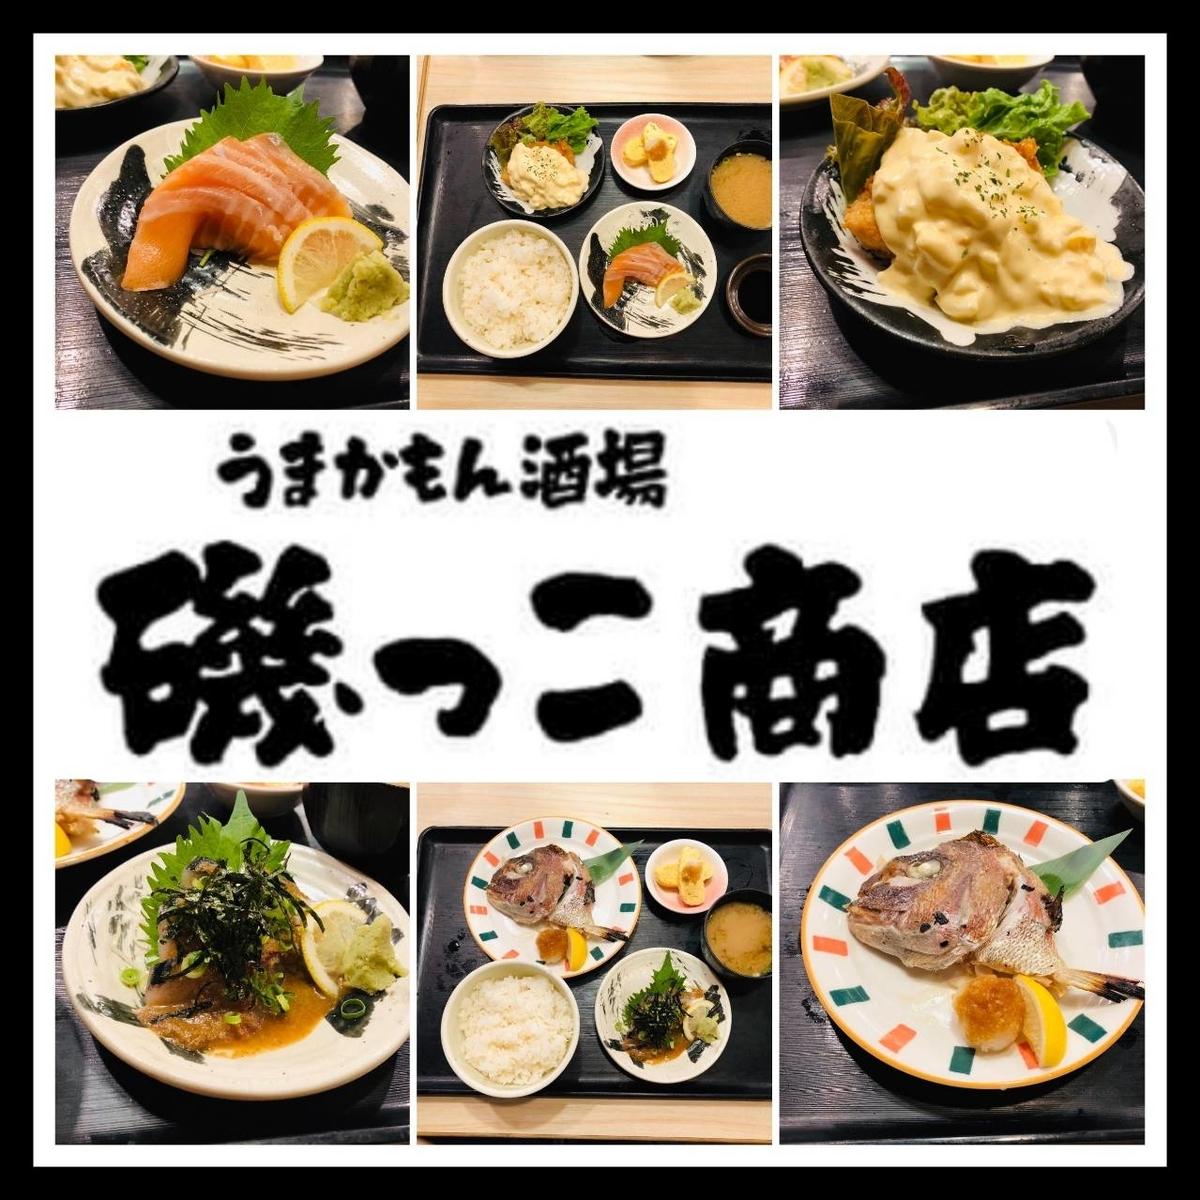 磯っこ商店(天神)「選べる定食」ランチ 海鮮丼ビュッフェ LIFE